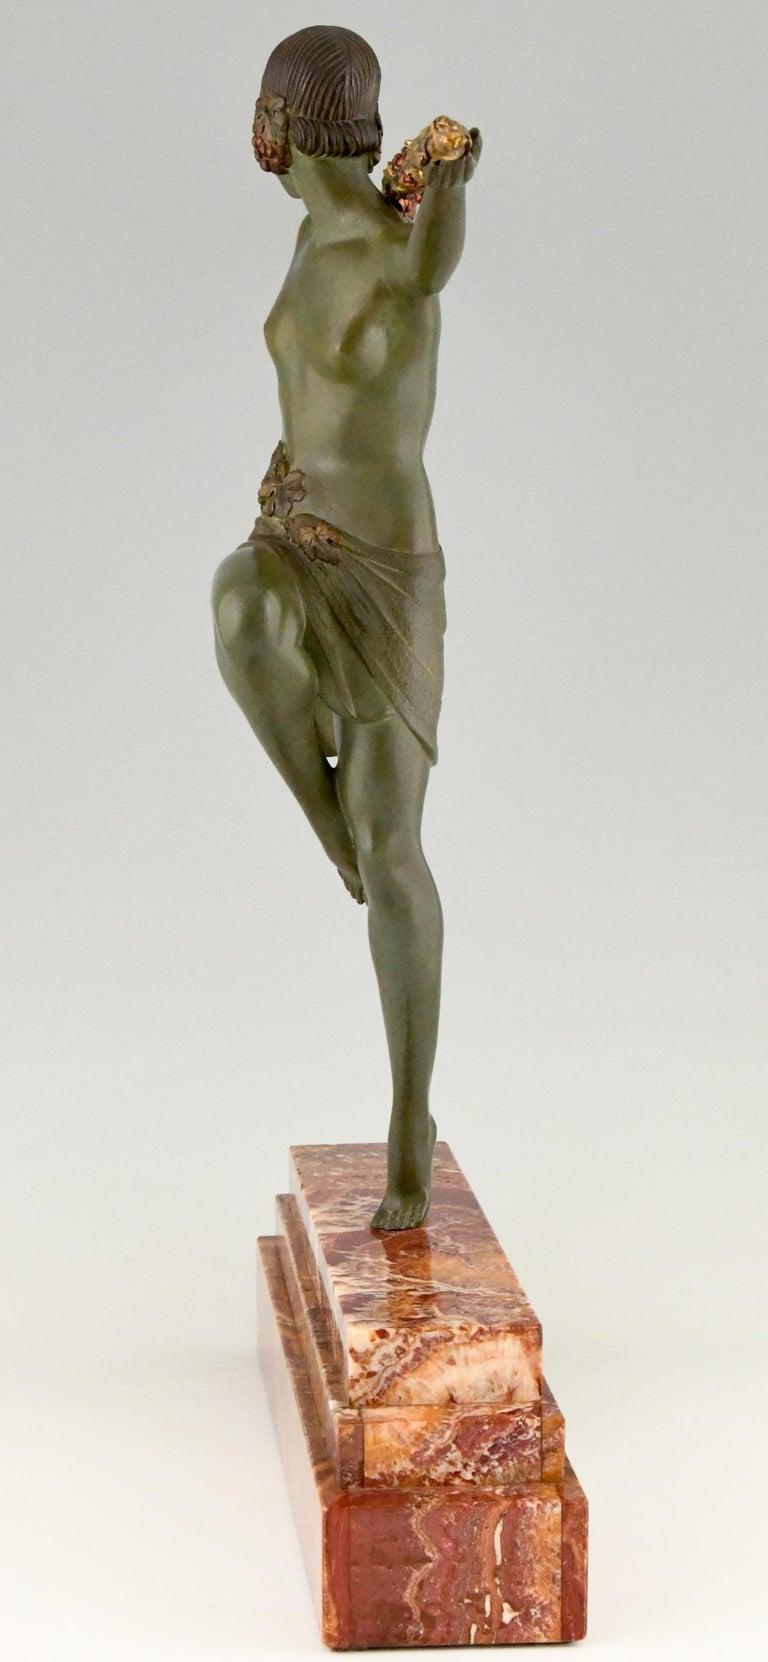 Art Deco Bronze Sculpture Nude Dancer with Thyrsus Pierre Le Faguays, 1930 For Sale 1